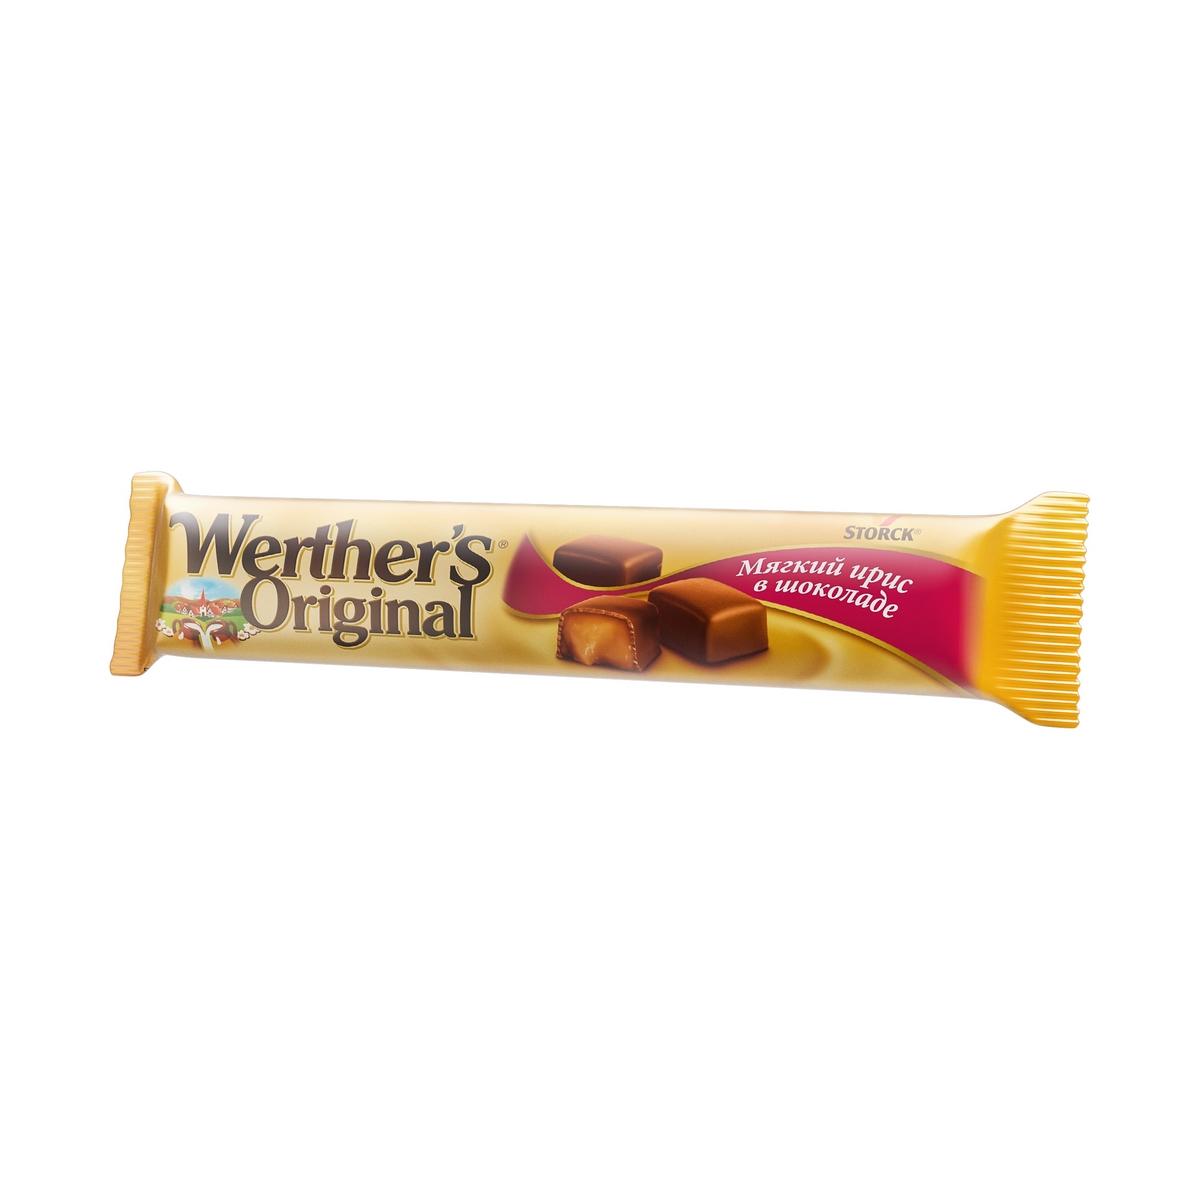 Мягкий ирис в молочном шоколаде Wether's Original